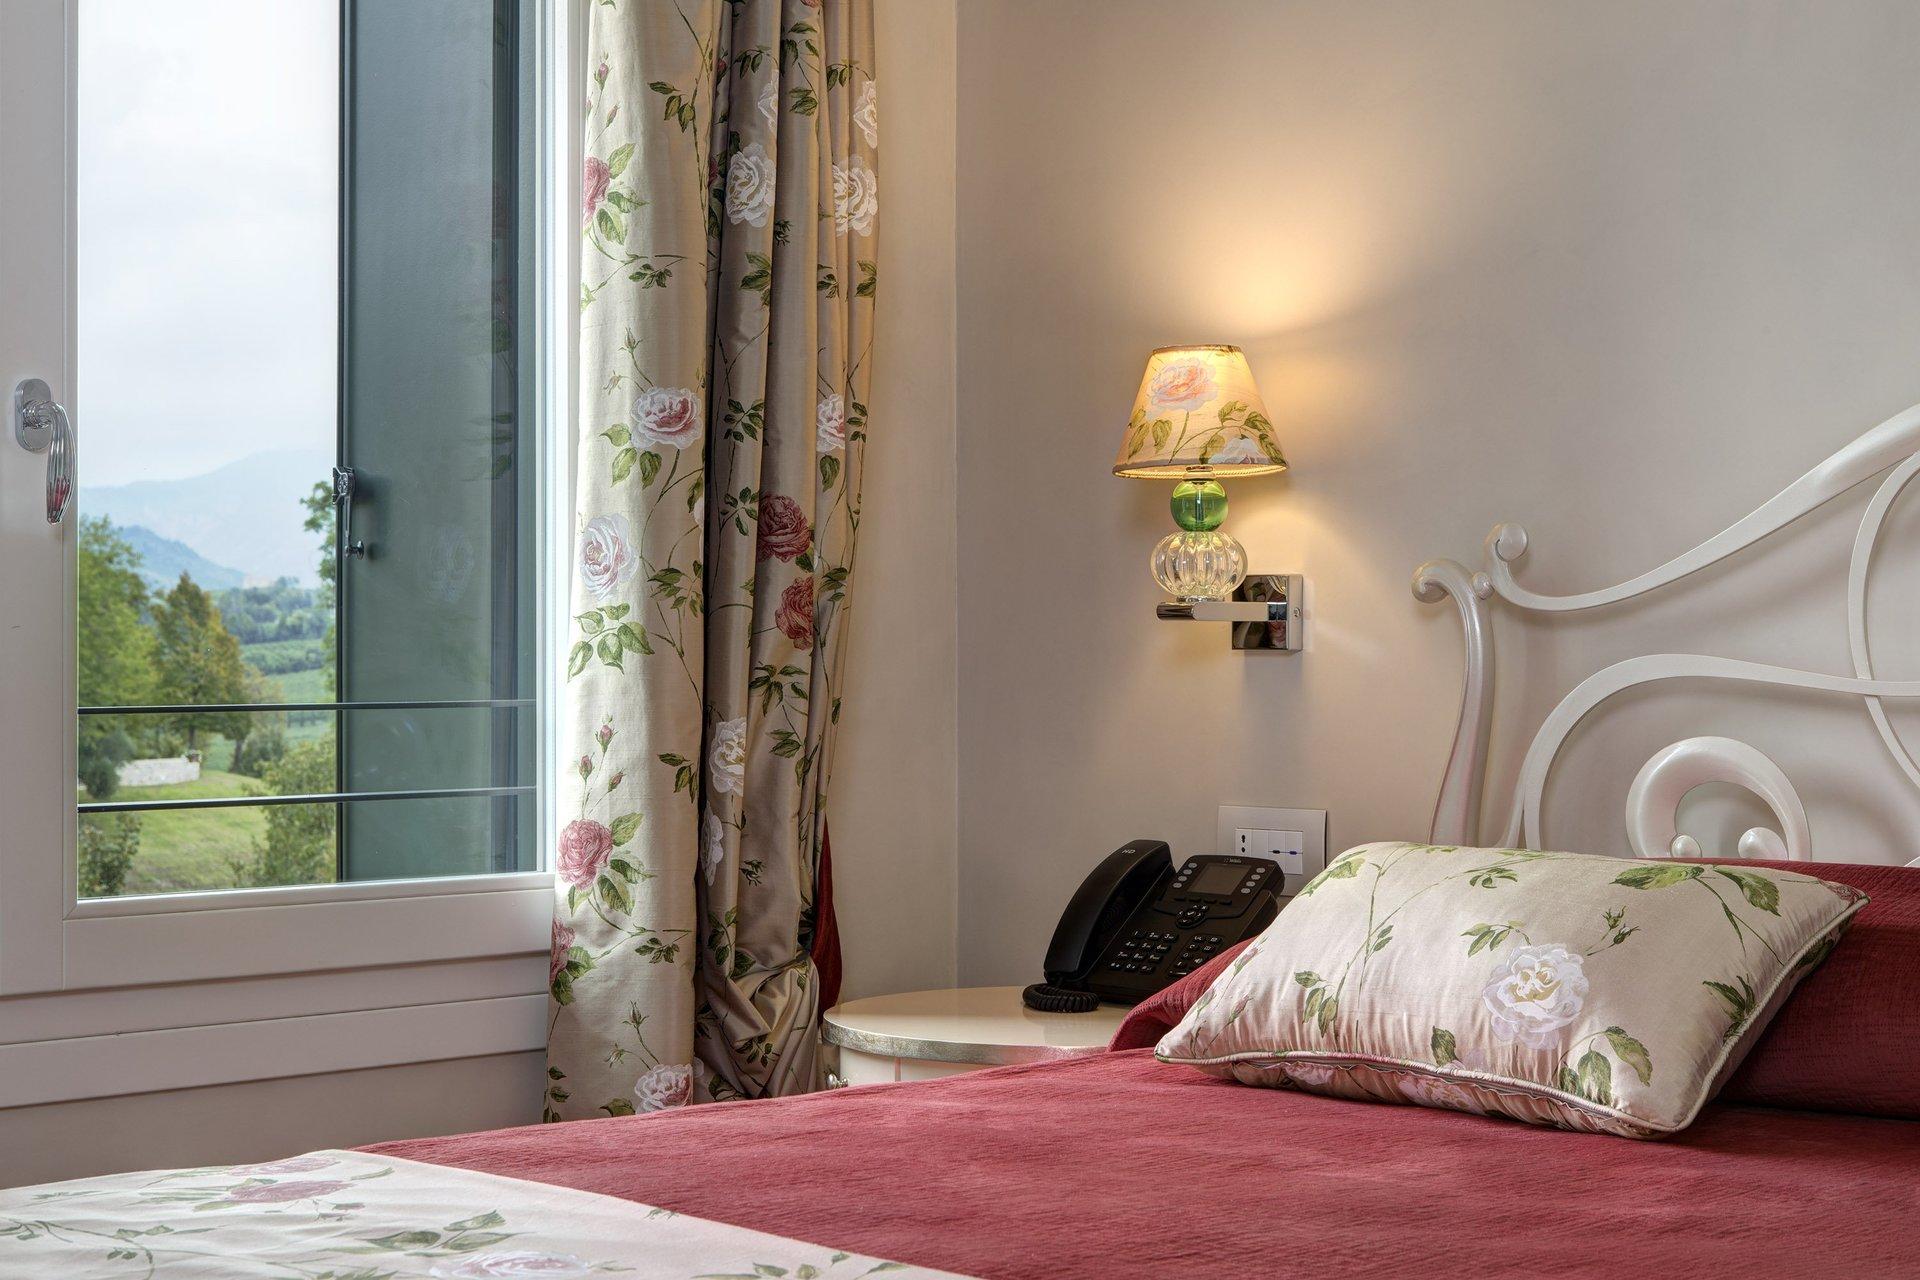 camera da letto con tende da interno dipinte a mano